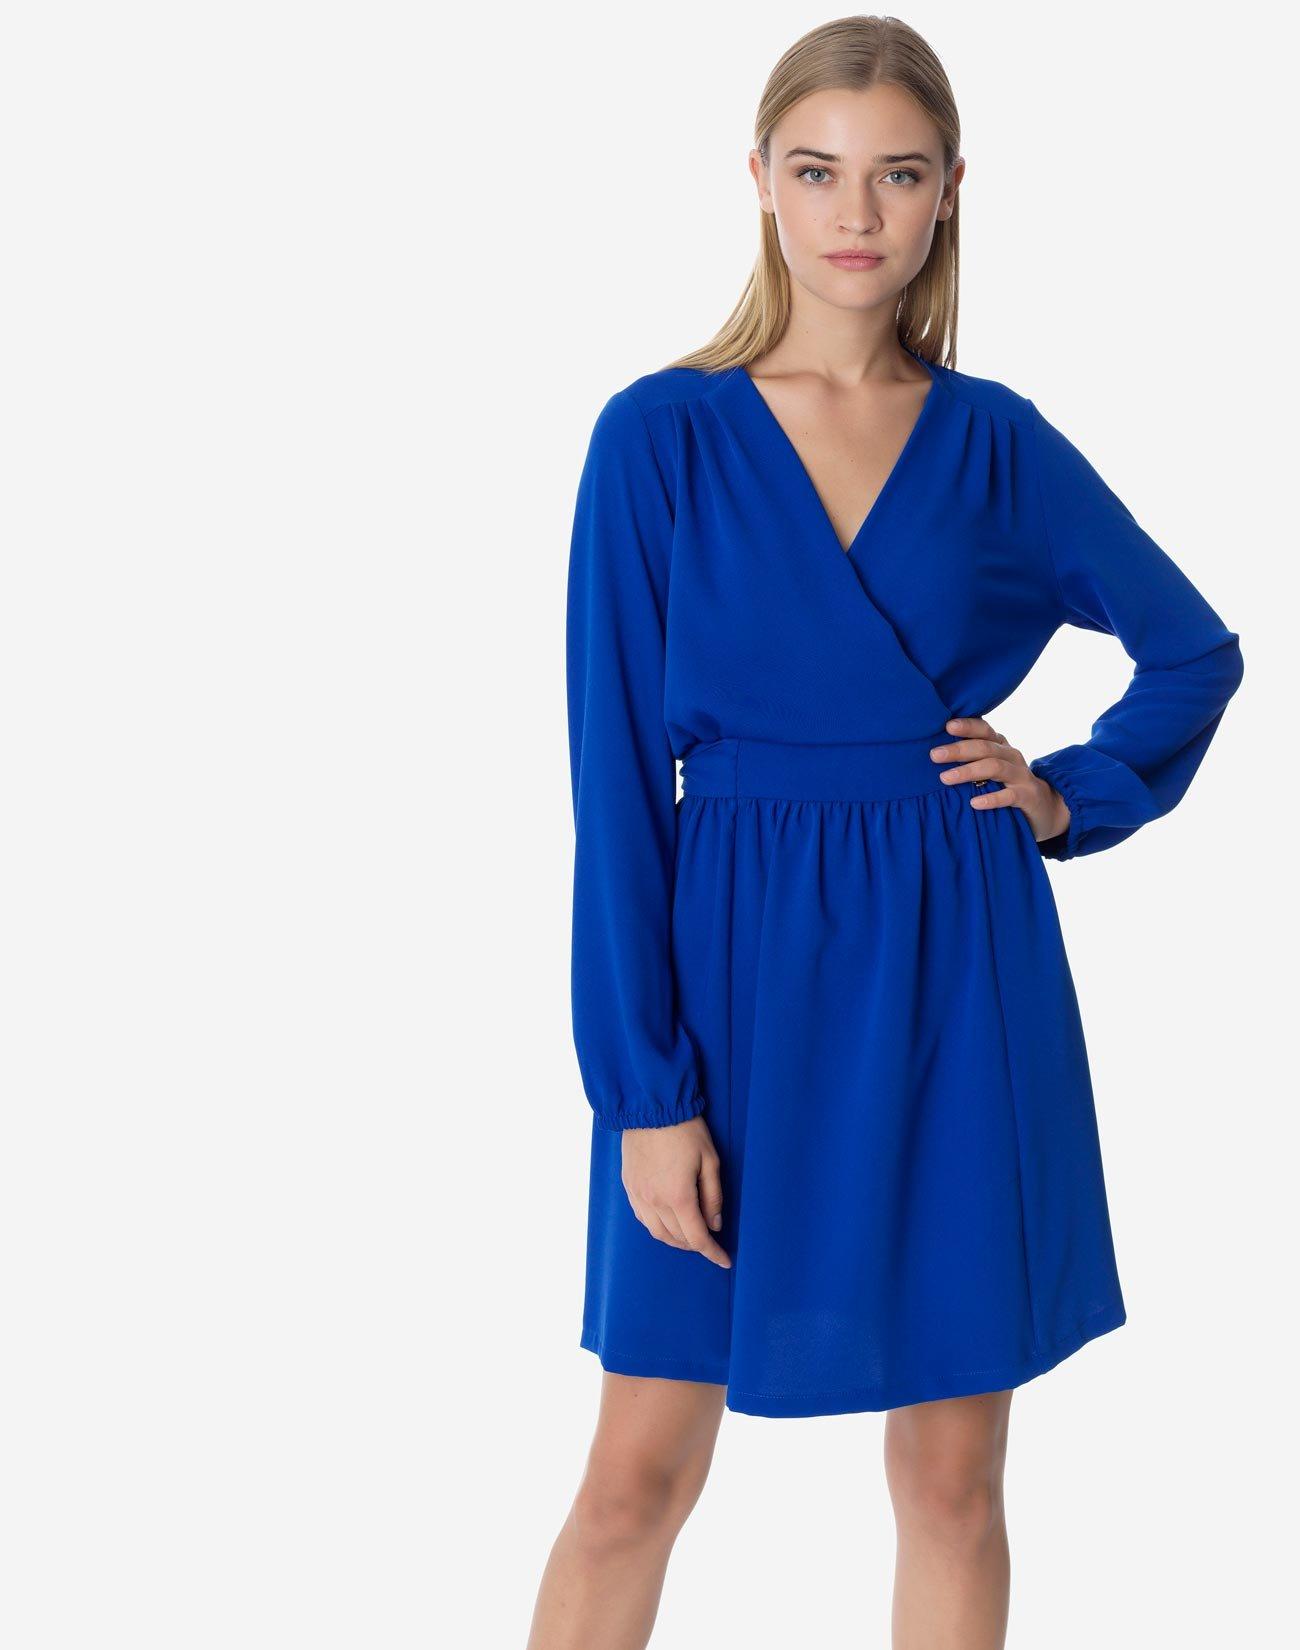 Μίνι φόρεμα κρουαζέ